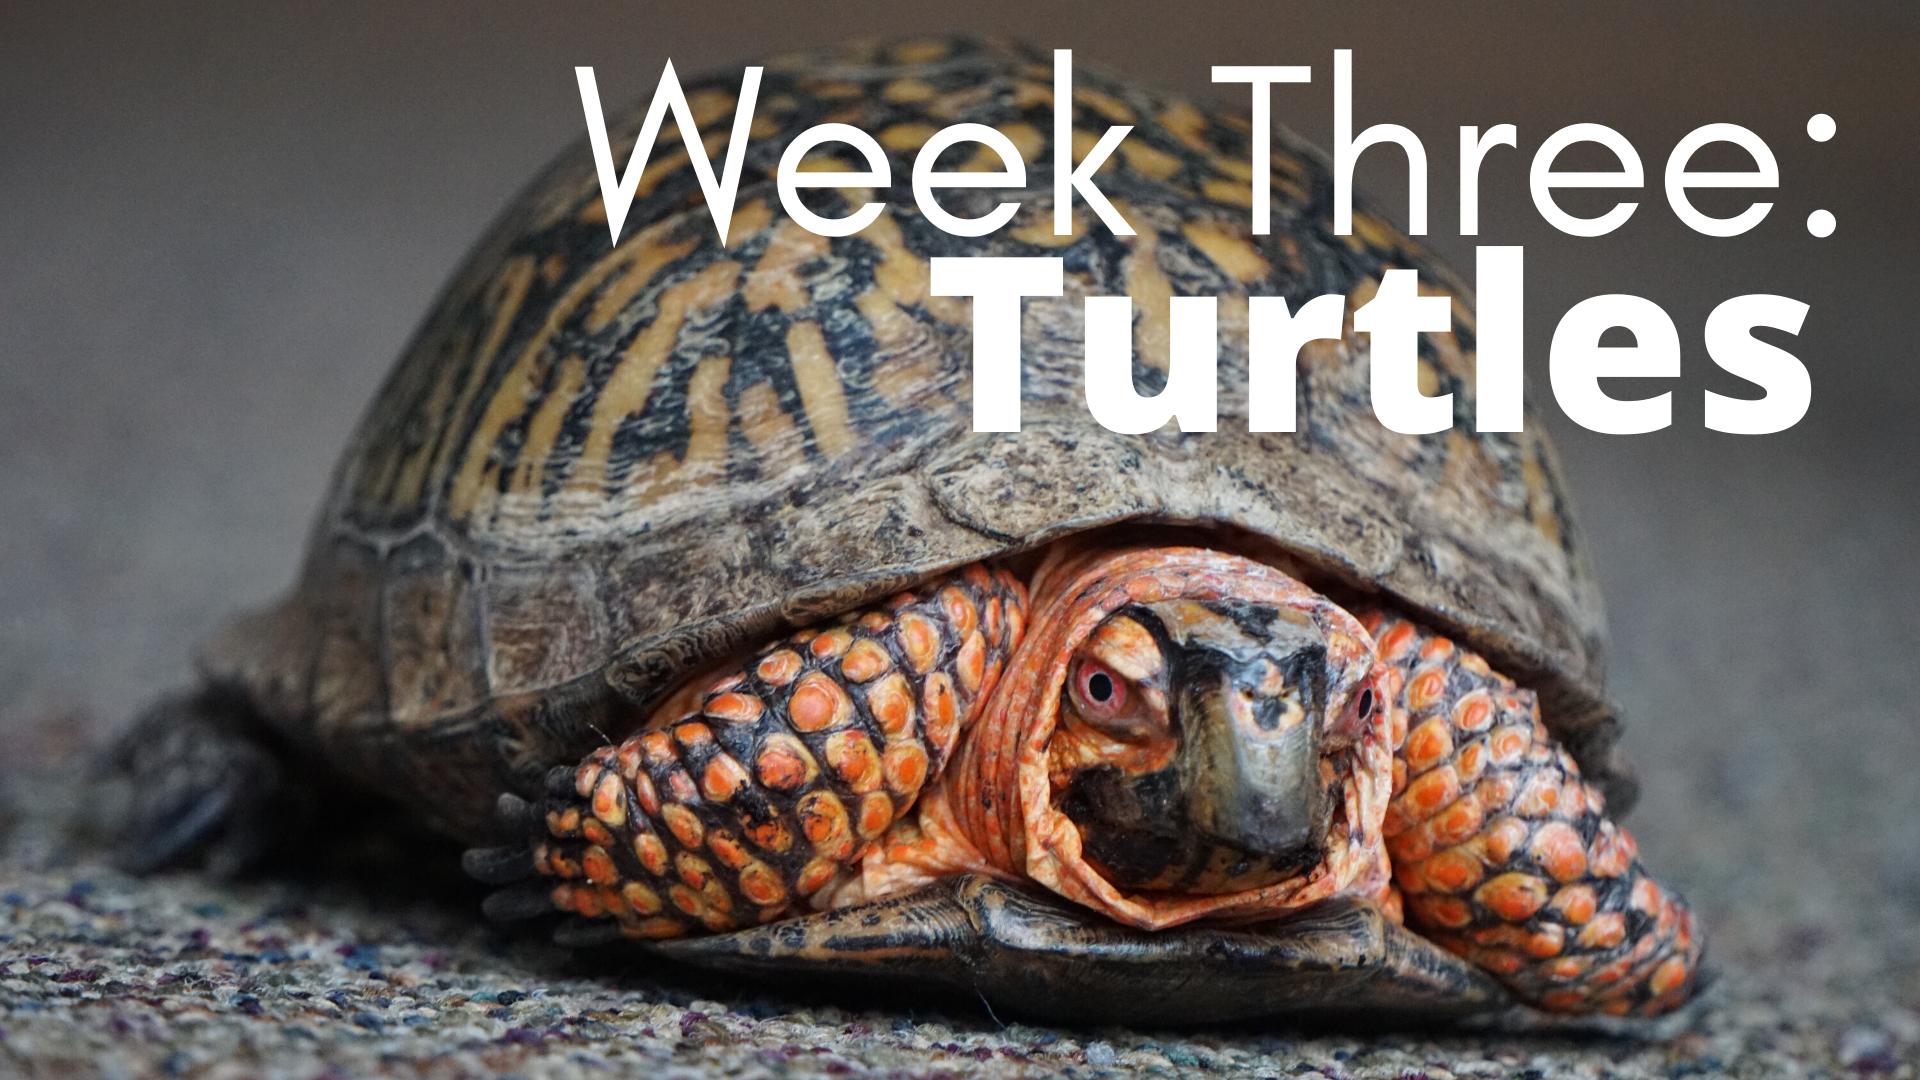 Week Three: Turtles